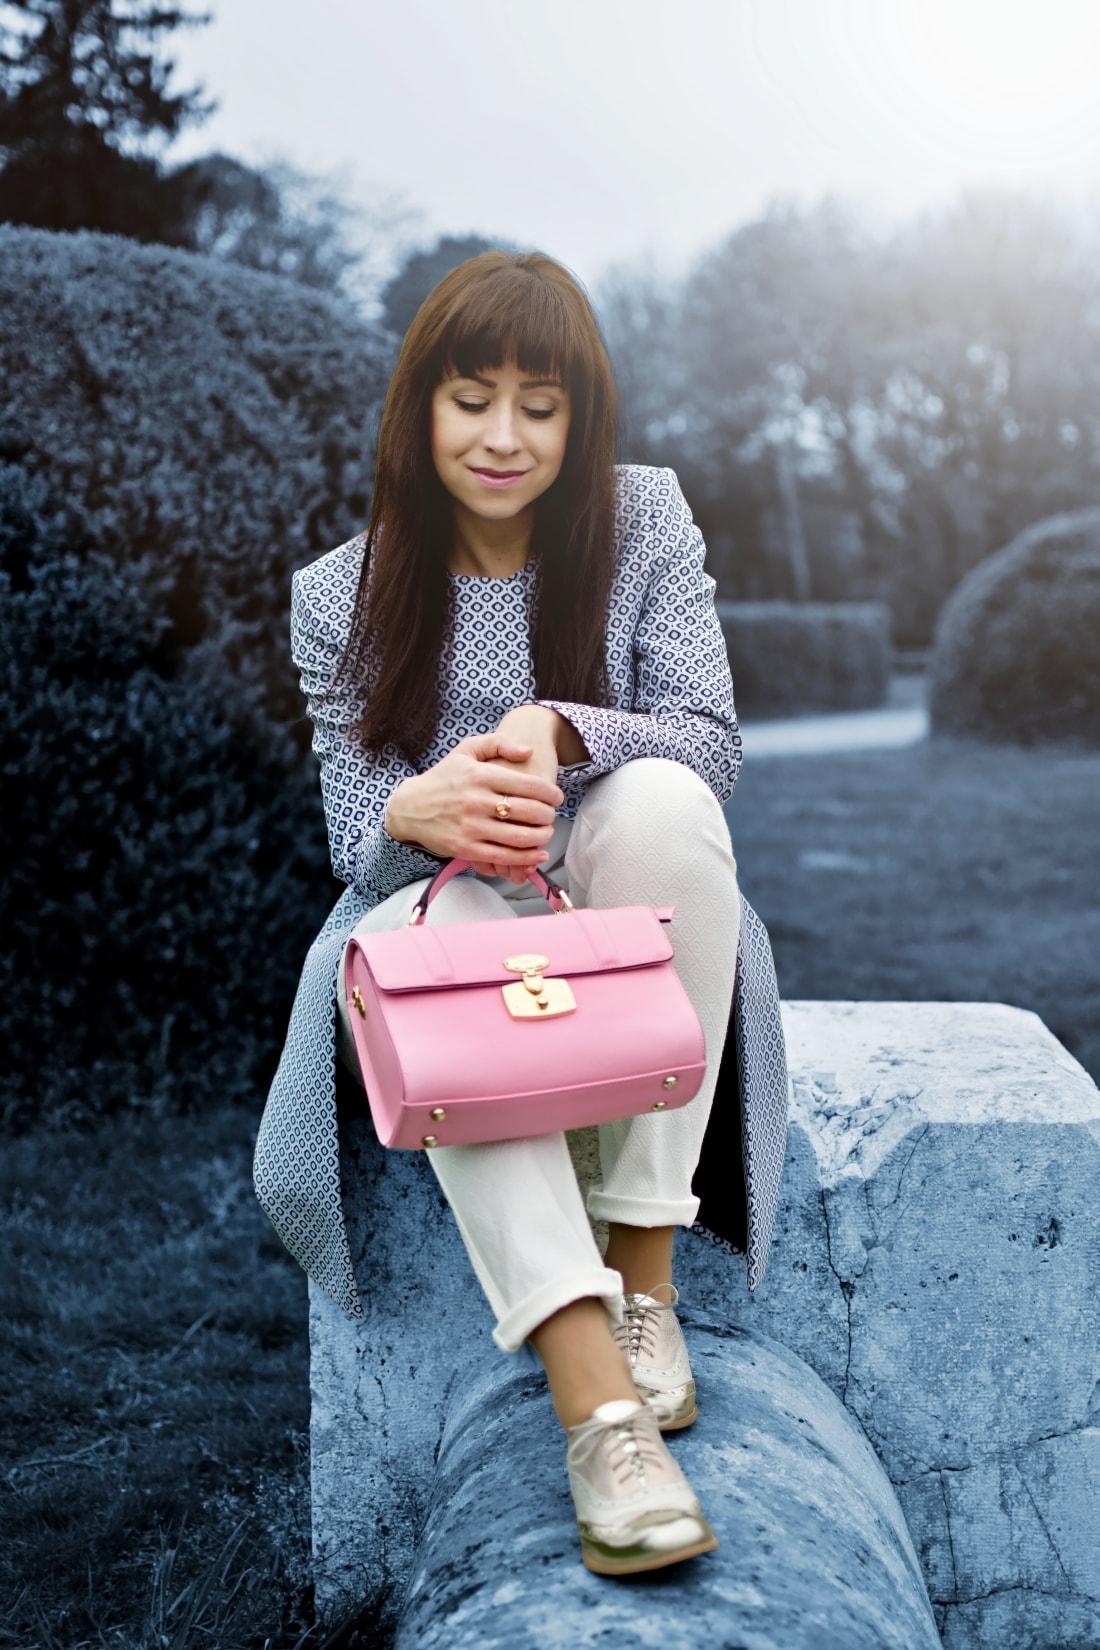 katharine-fashion-is-beautiful-blog-bledomodry-kabat-1-blogger